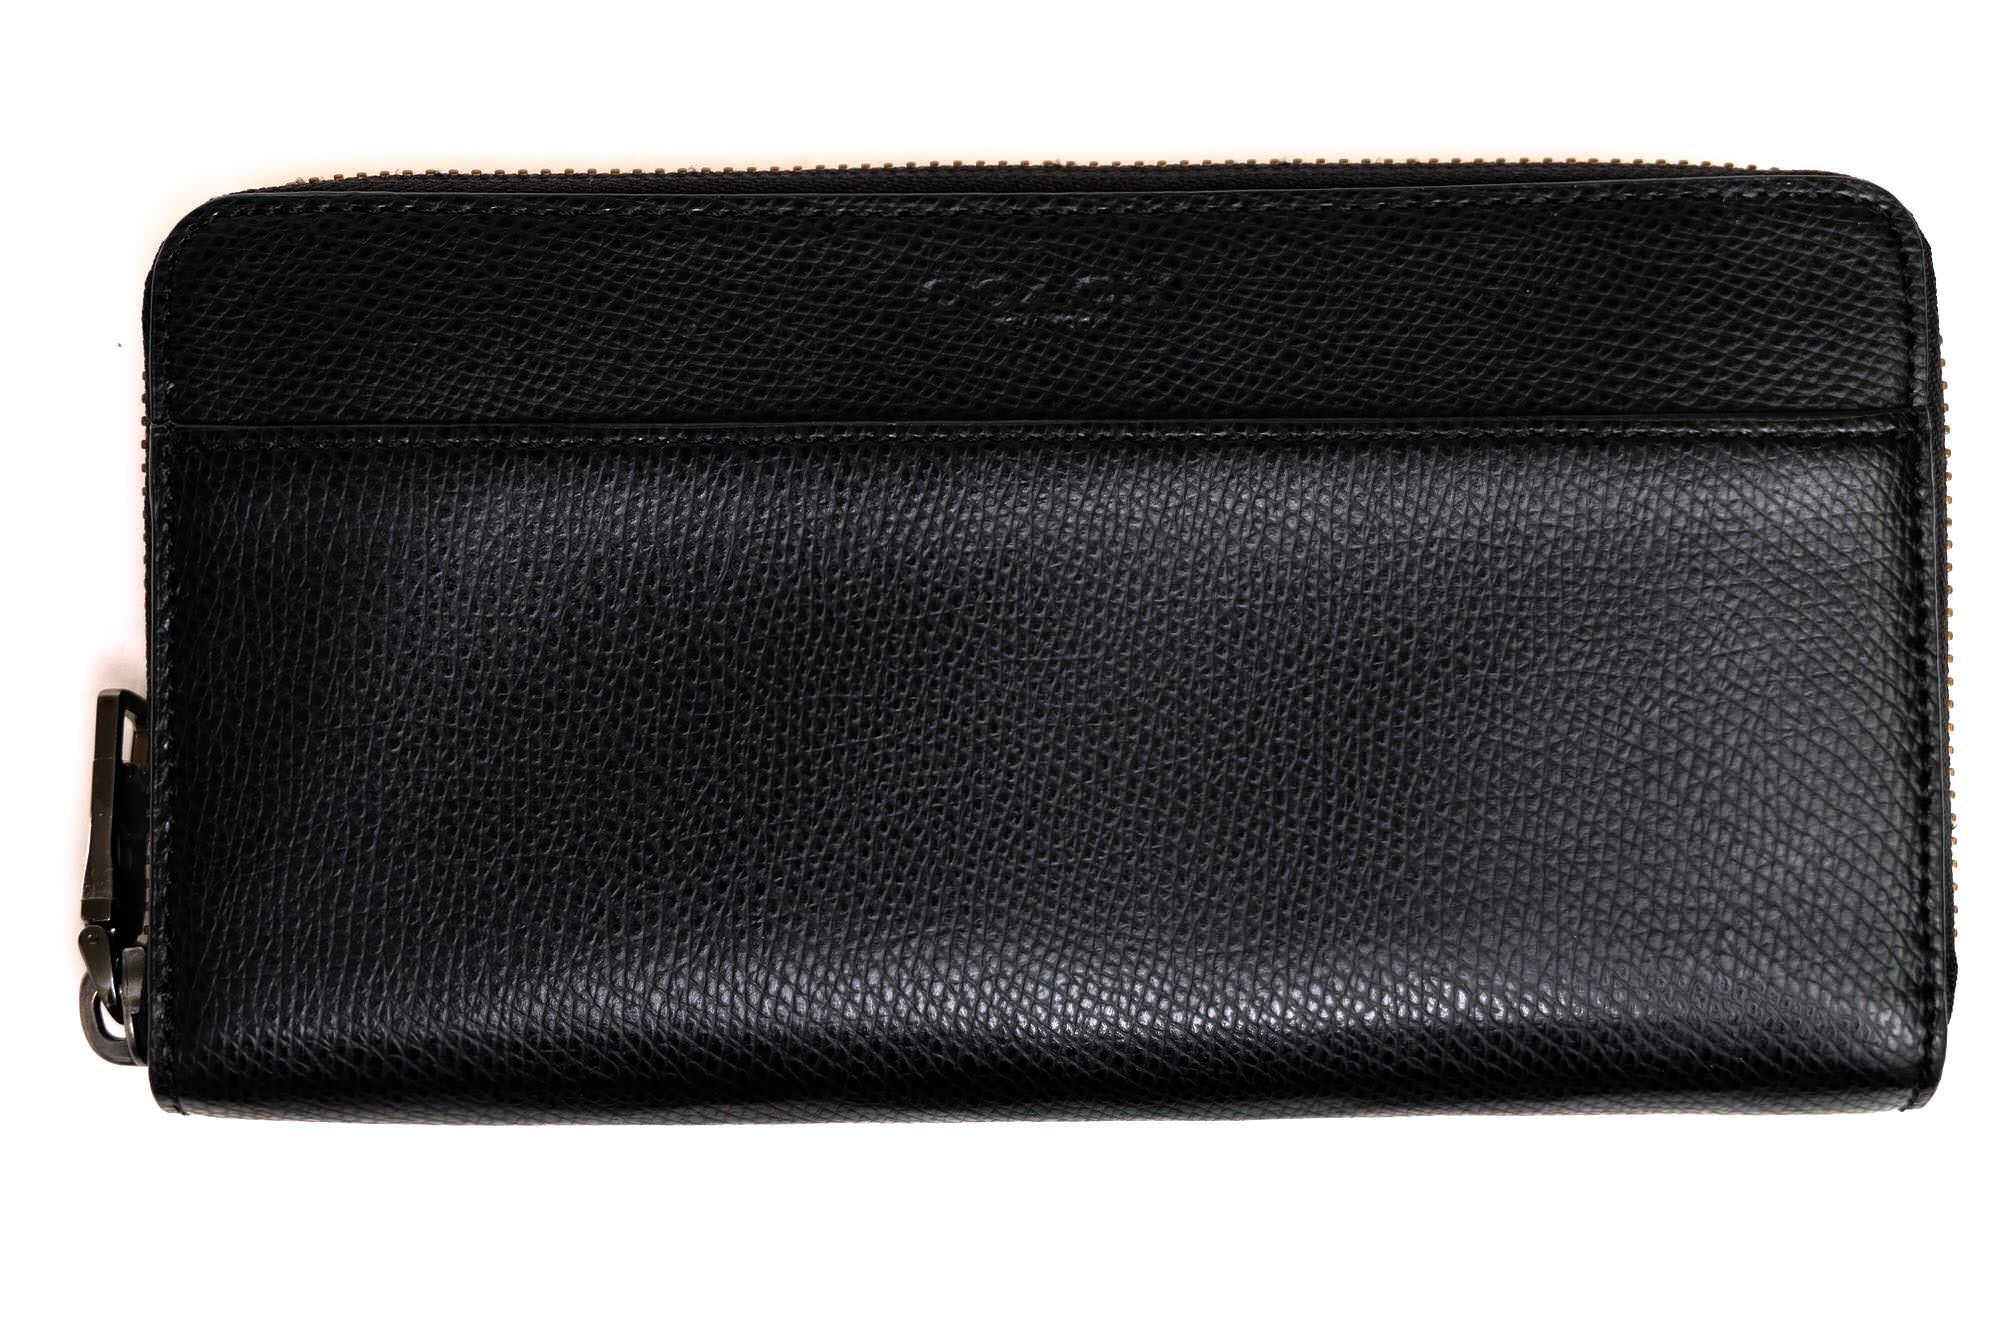 buy online 3e7af d39d8 コーチ / COACH 長財布 メンズ ブラック 黒